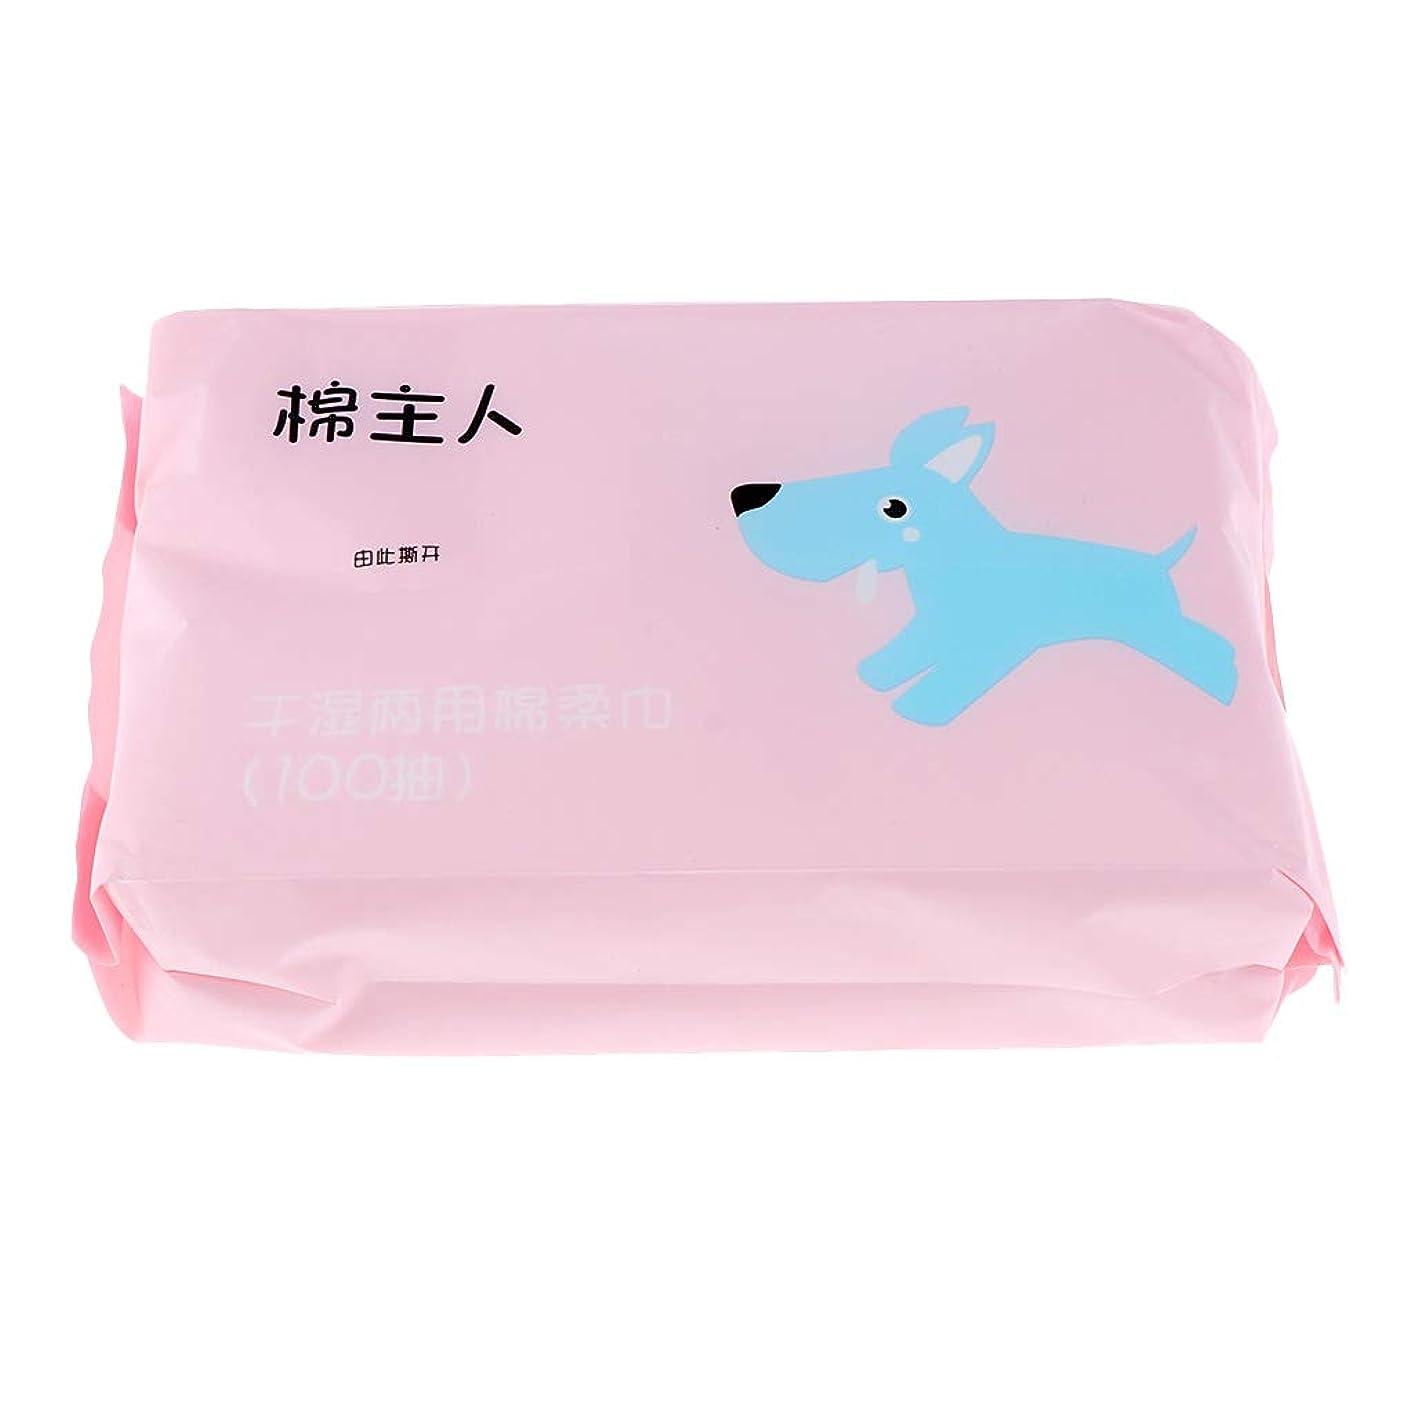 ママ入札絵B Baosity 約100枚 使い捨て クレンジングシート ソフト 便利 スキンケア 2色選べ  - ピンク